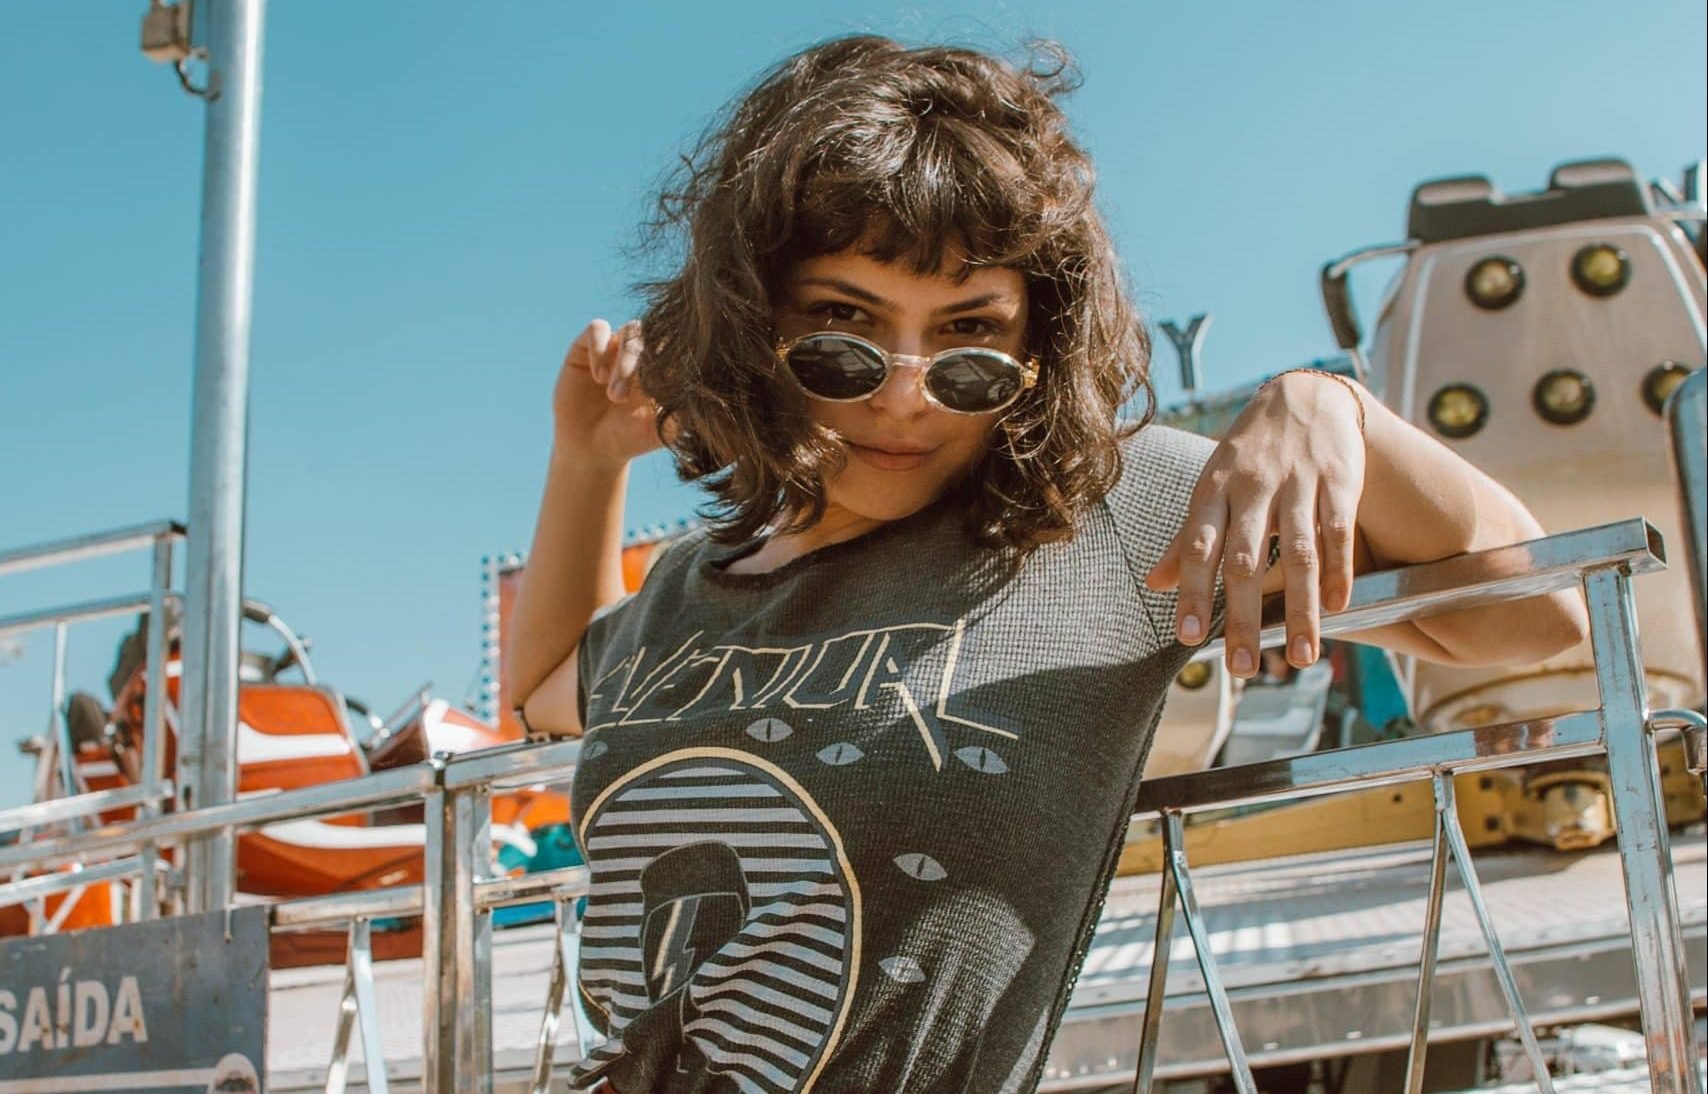 Farbig, geometrisch und gemustert Blizz präsentiert die Sonnenbrillen-Trends 2020